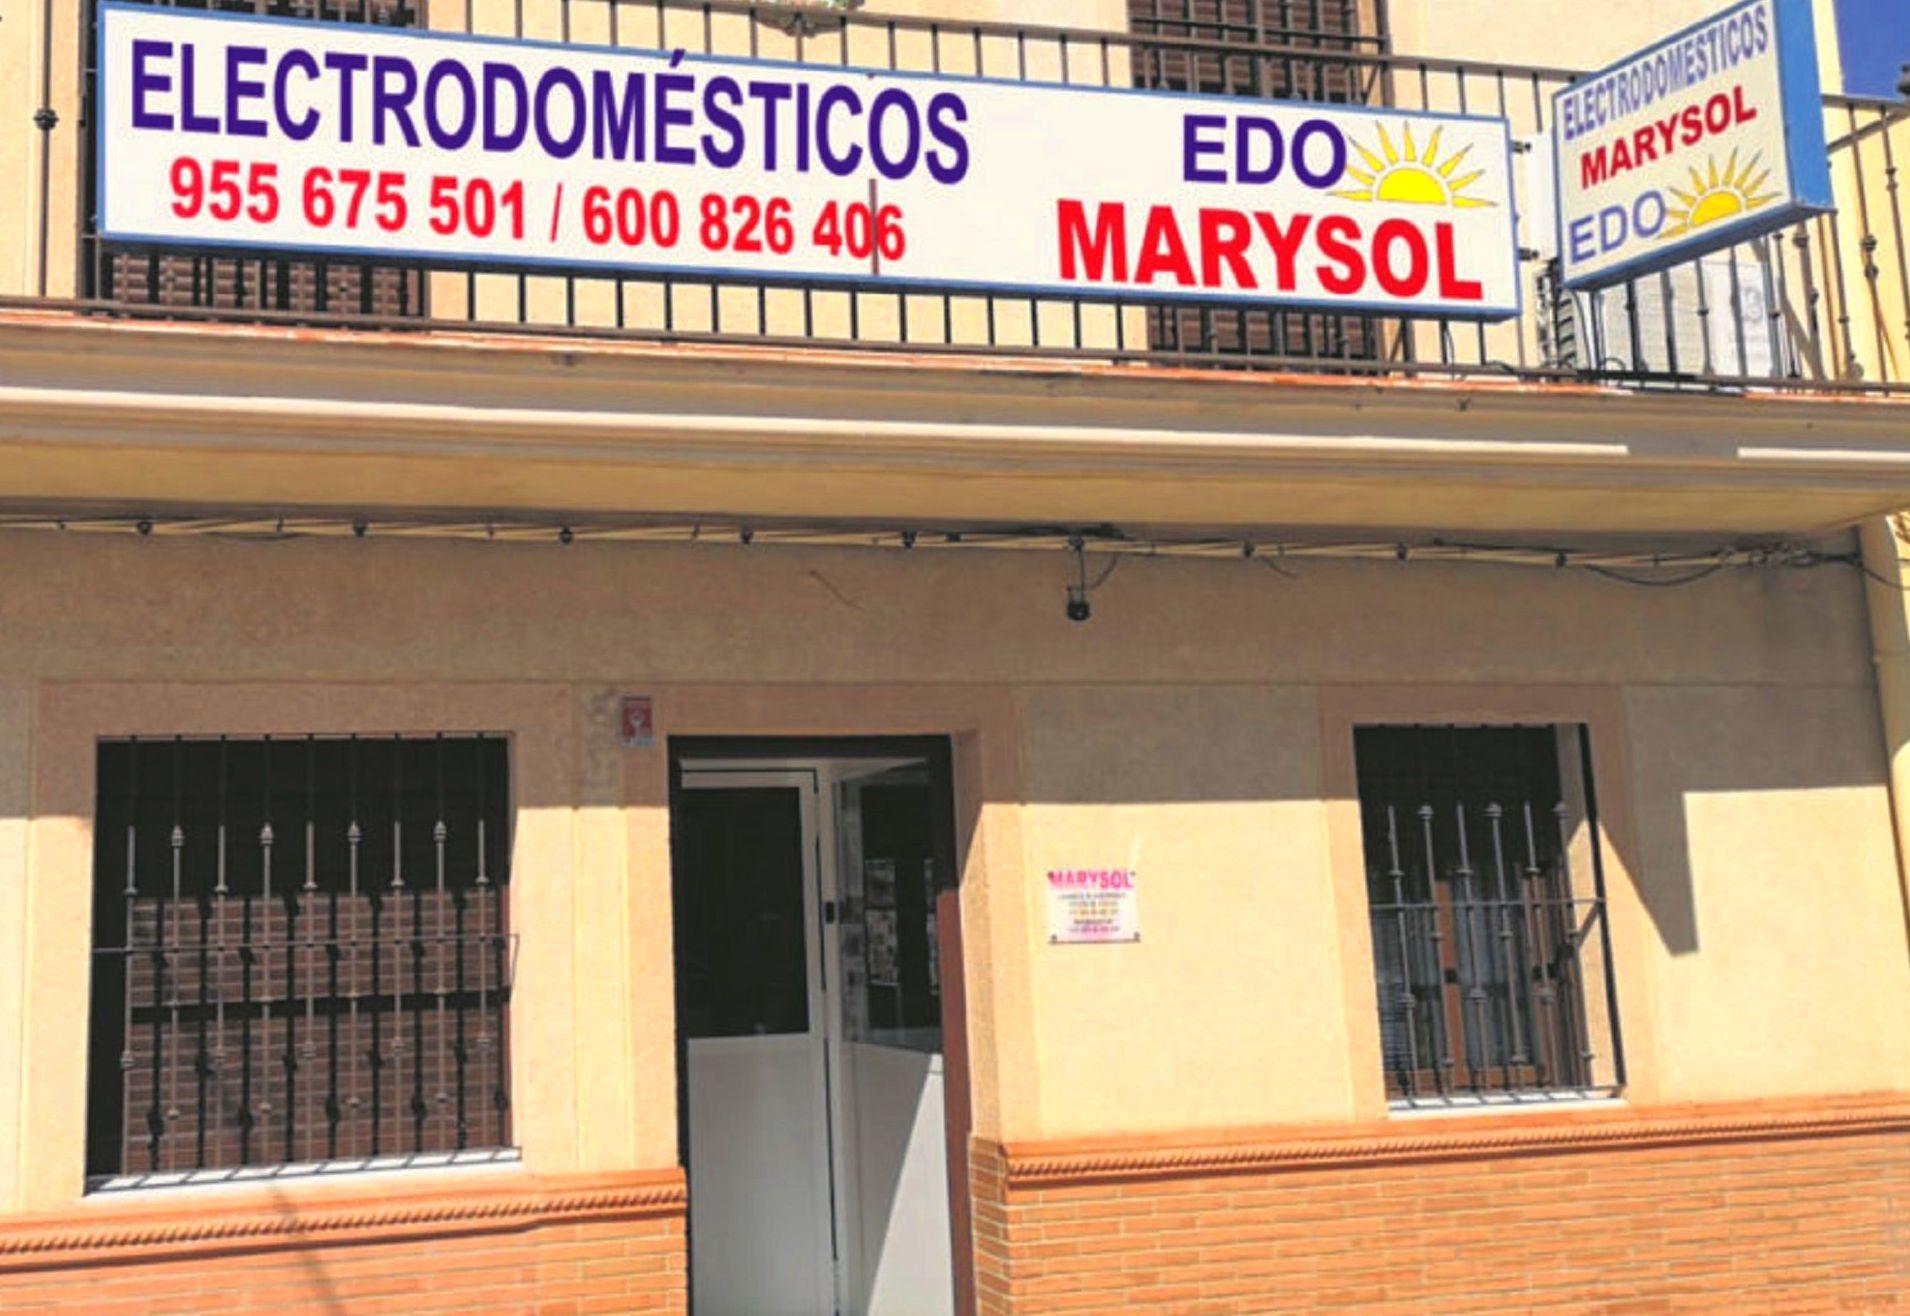 ELECTRODOMÉSTICOS MARYSOL DOS HERMANAS